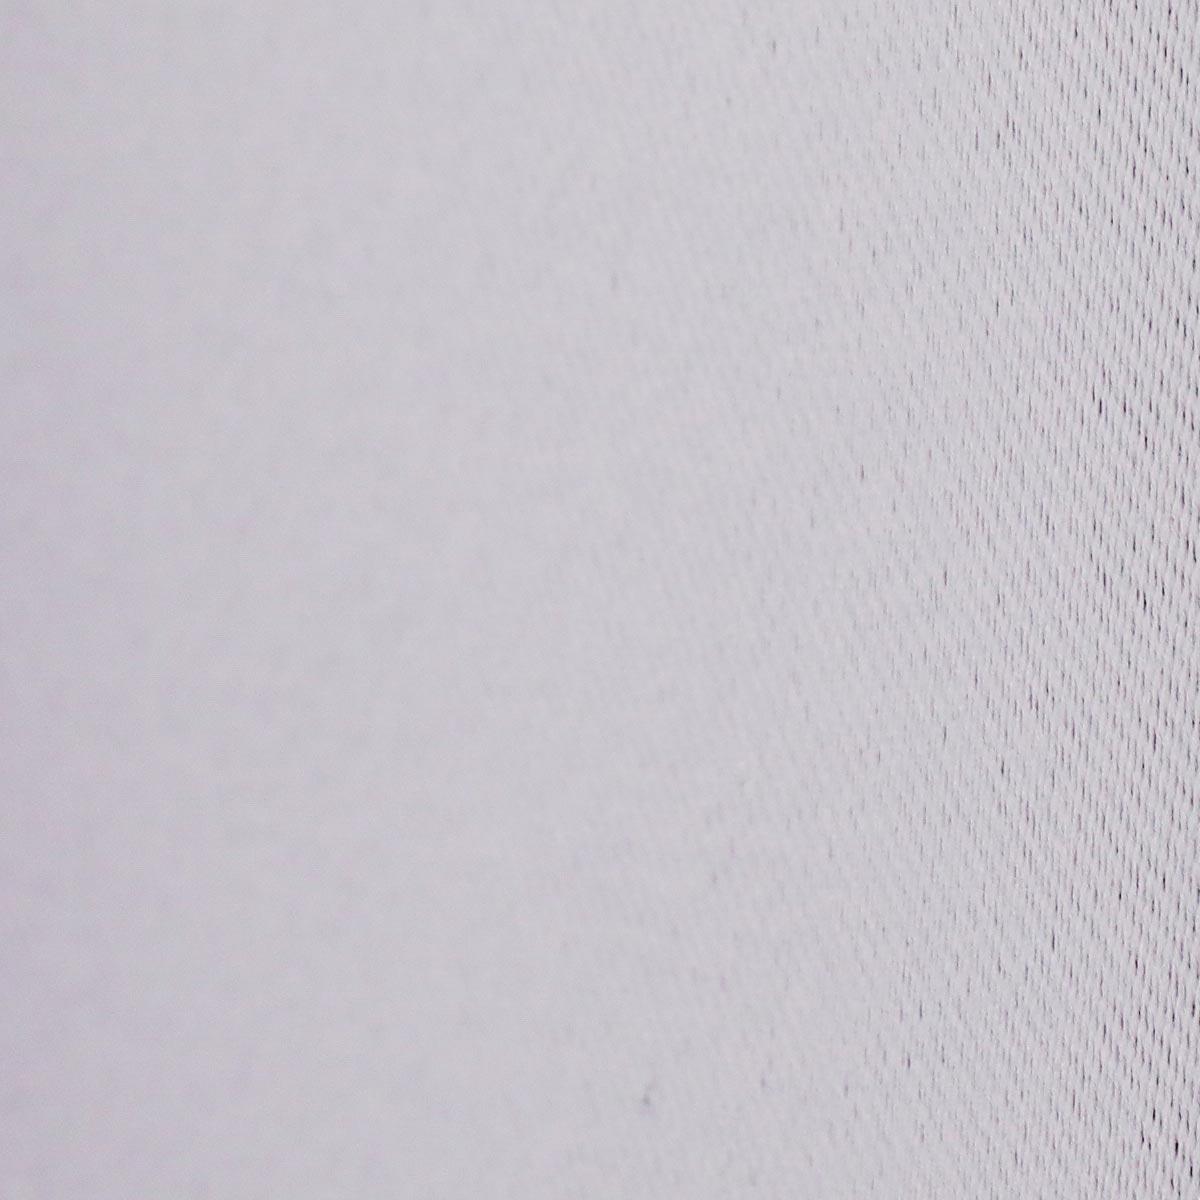 遮光カーテン『パレット』生地アップ画像